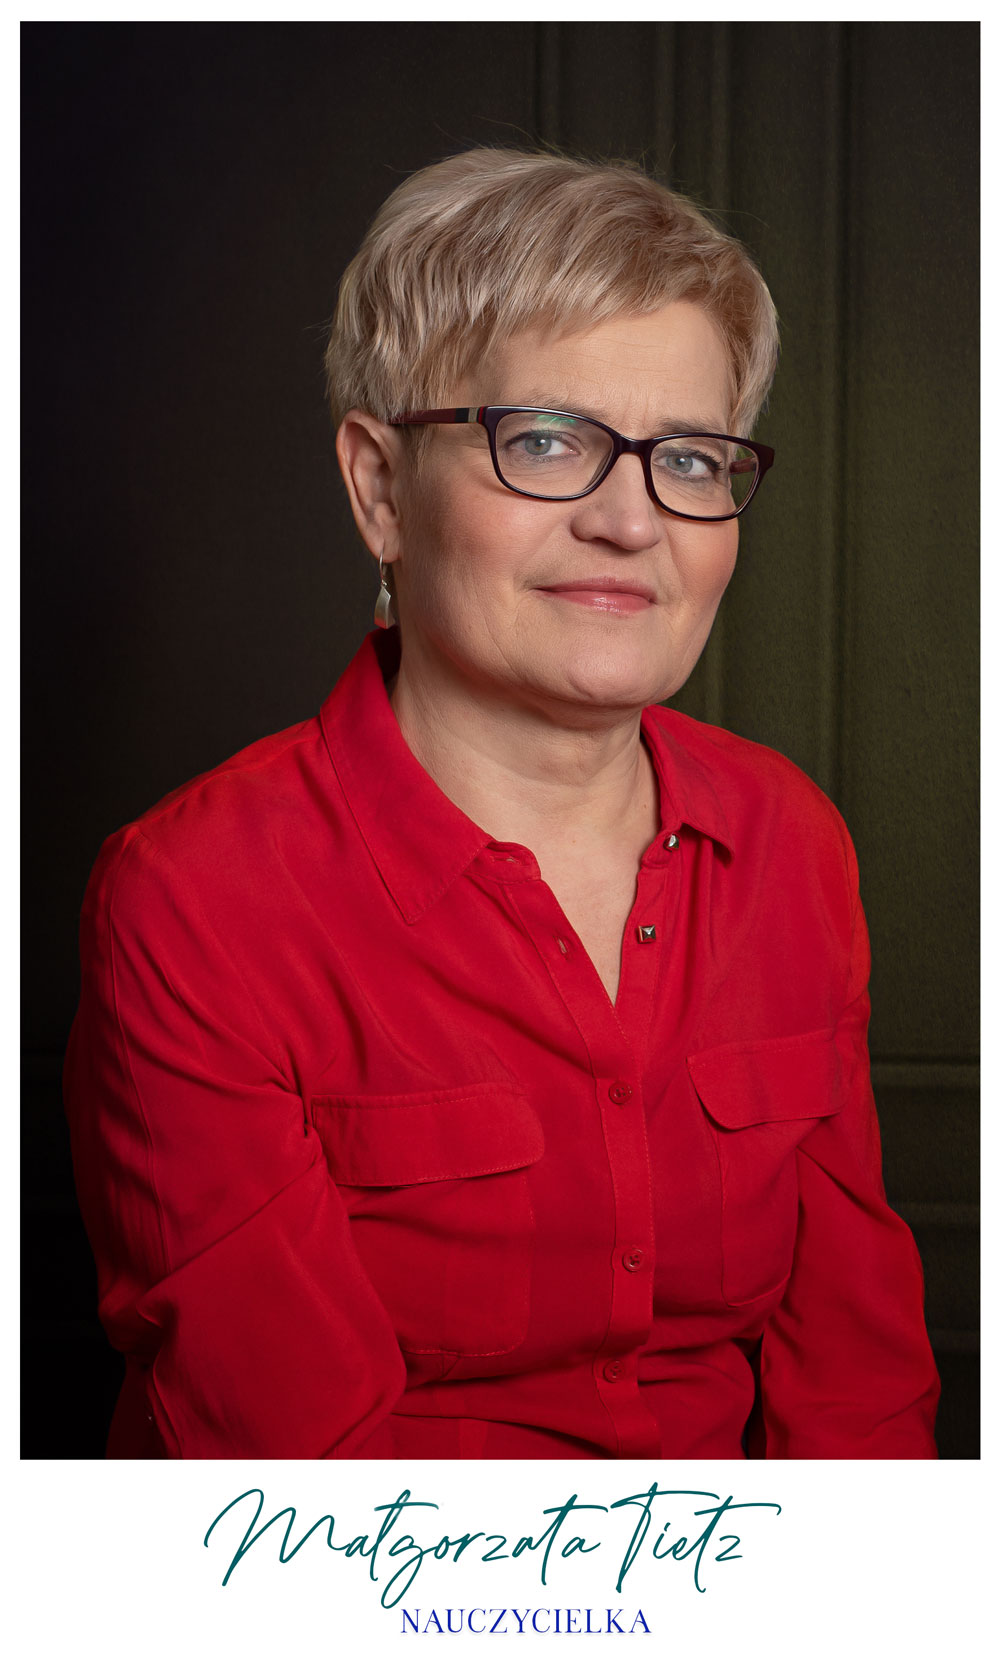 Małgorzata Tietz